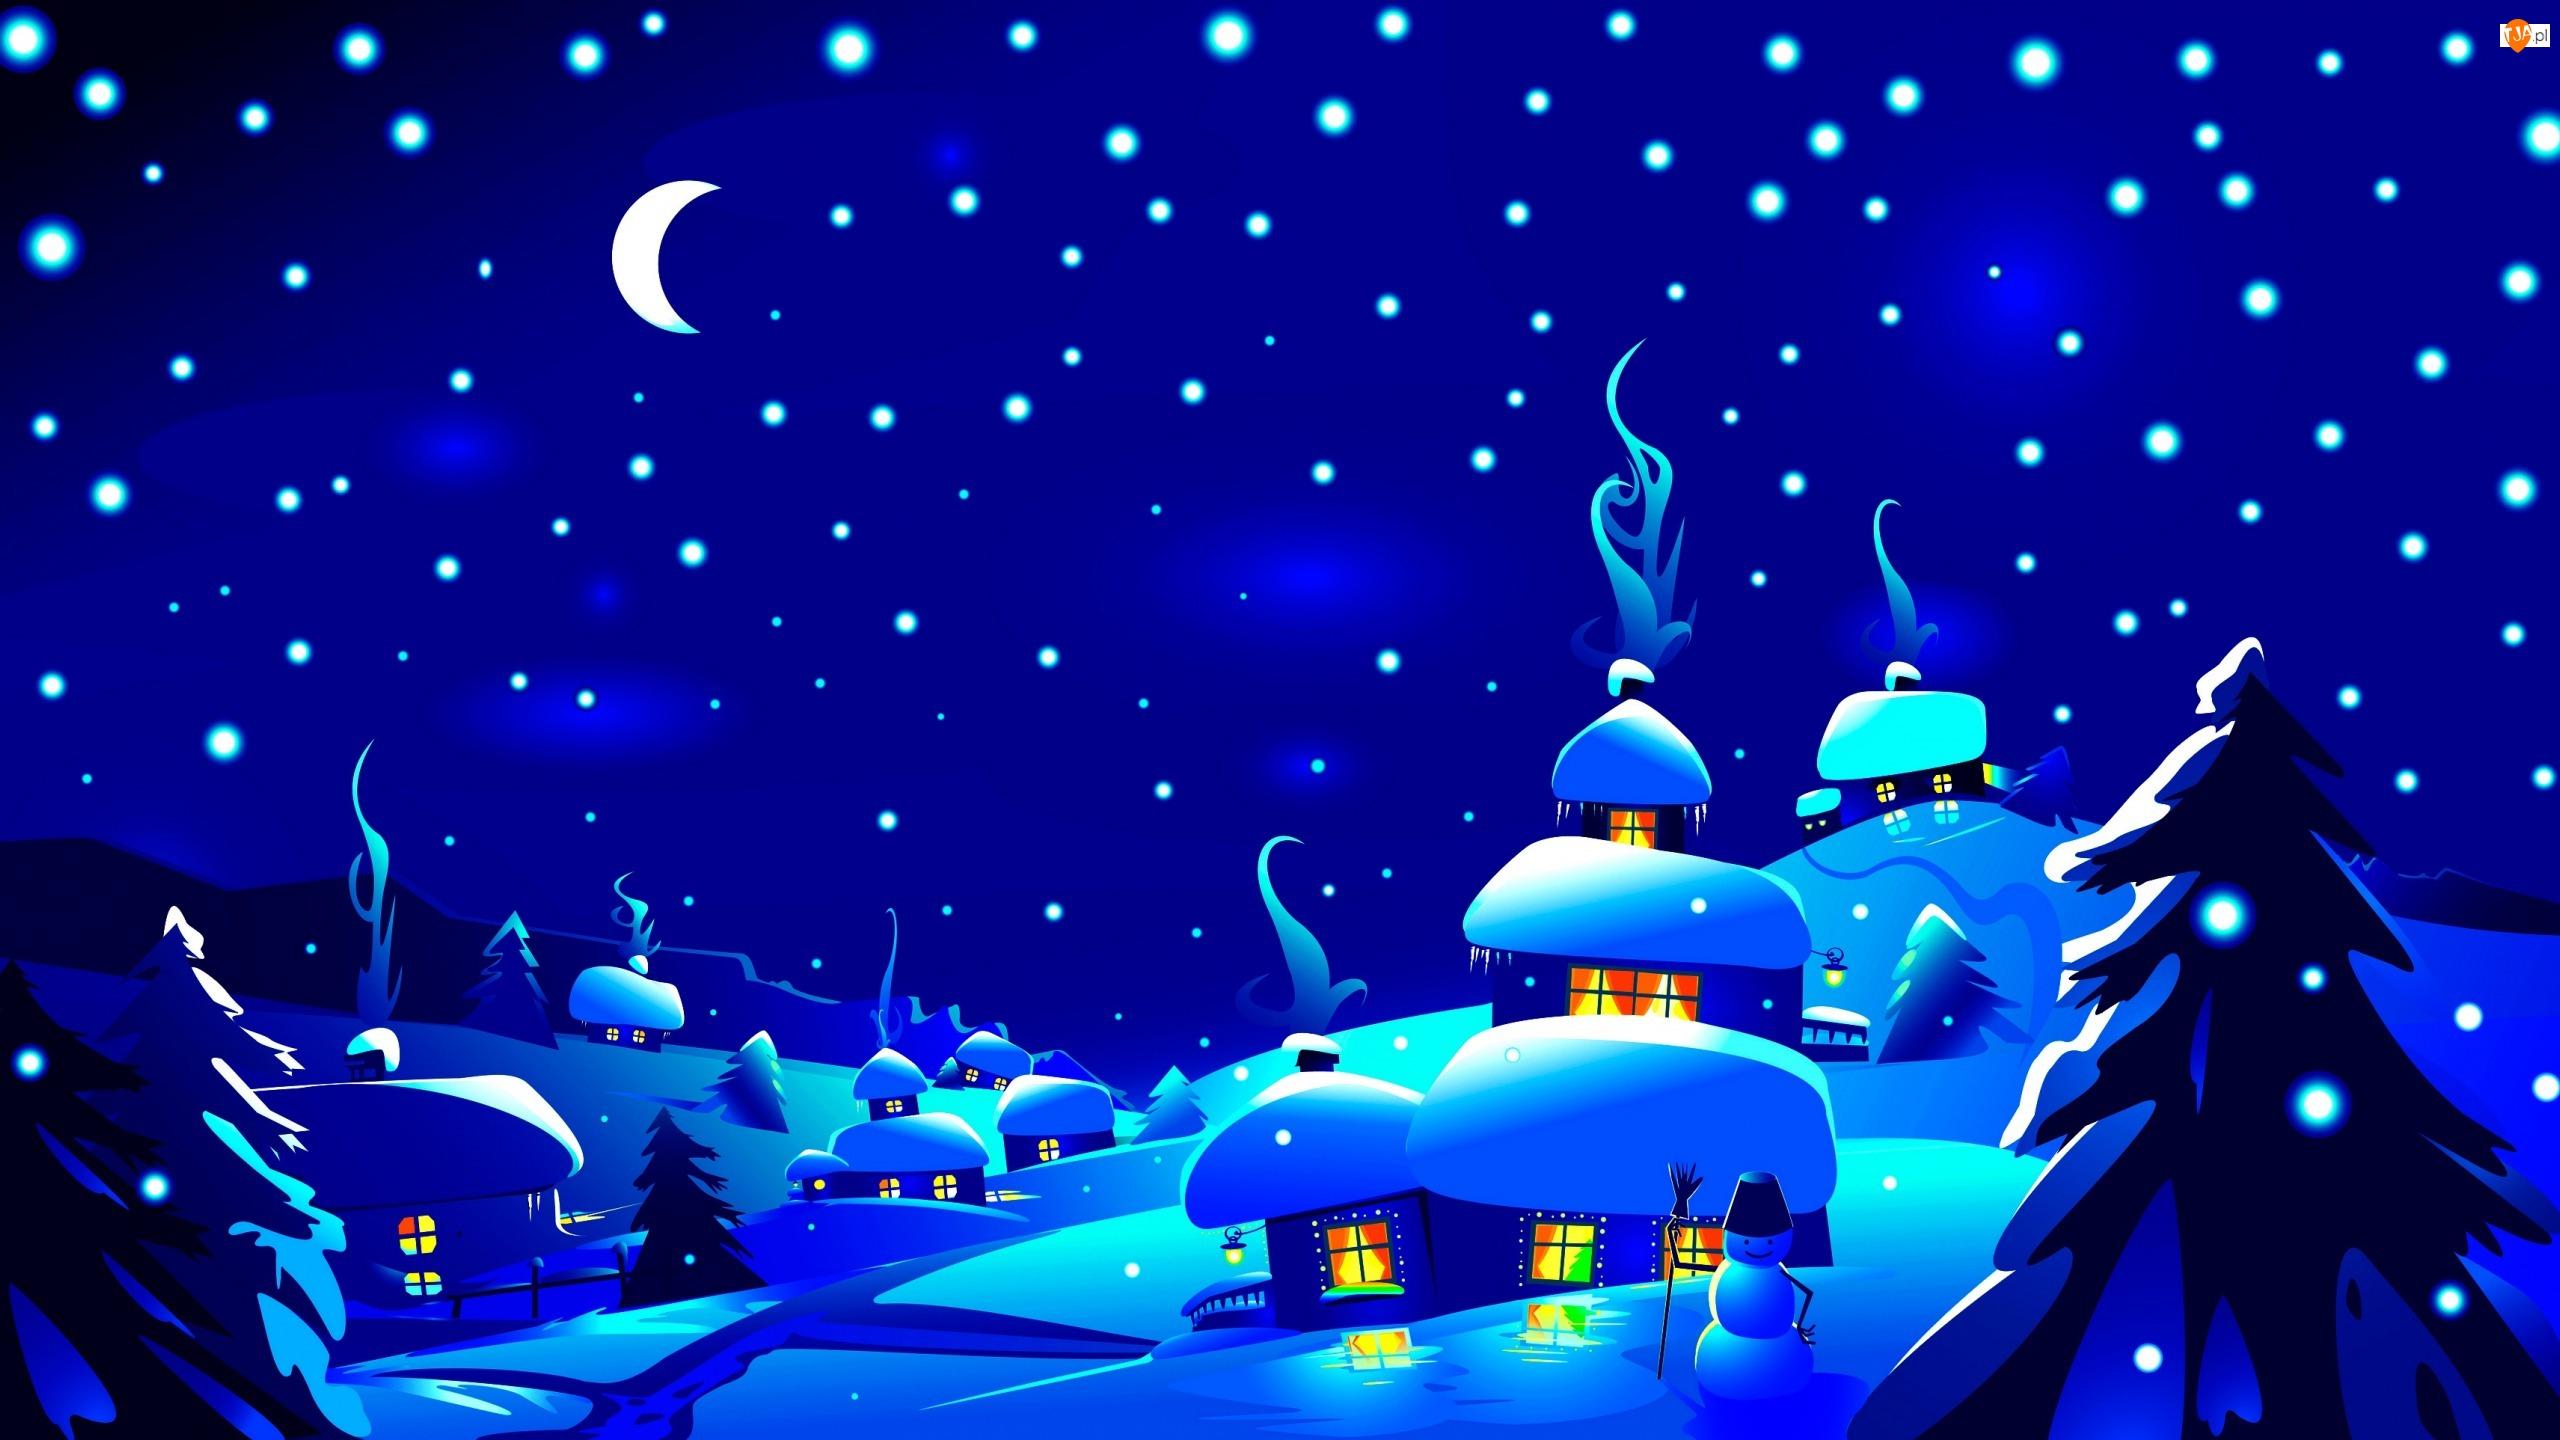 Śnieg, Noc, Wieś, Księżyc, Domy, Drzewa